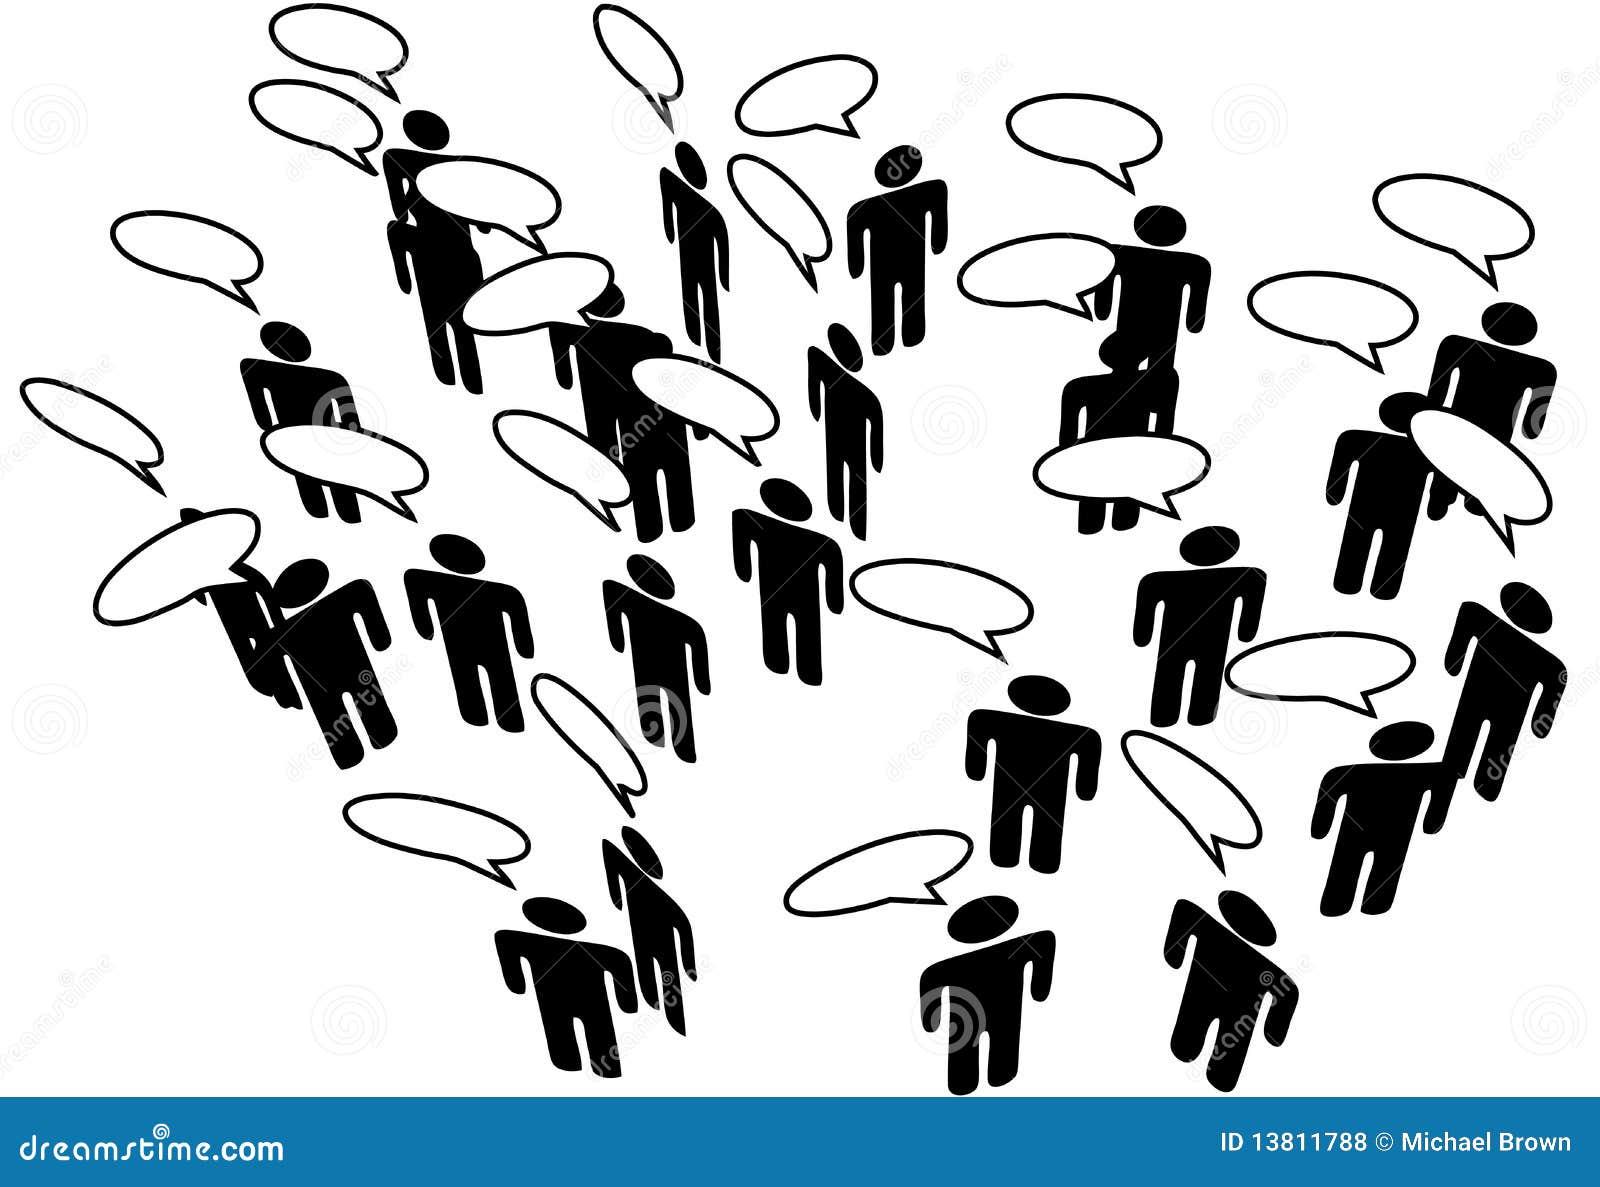 沟通联络媒体网络人社交图片